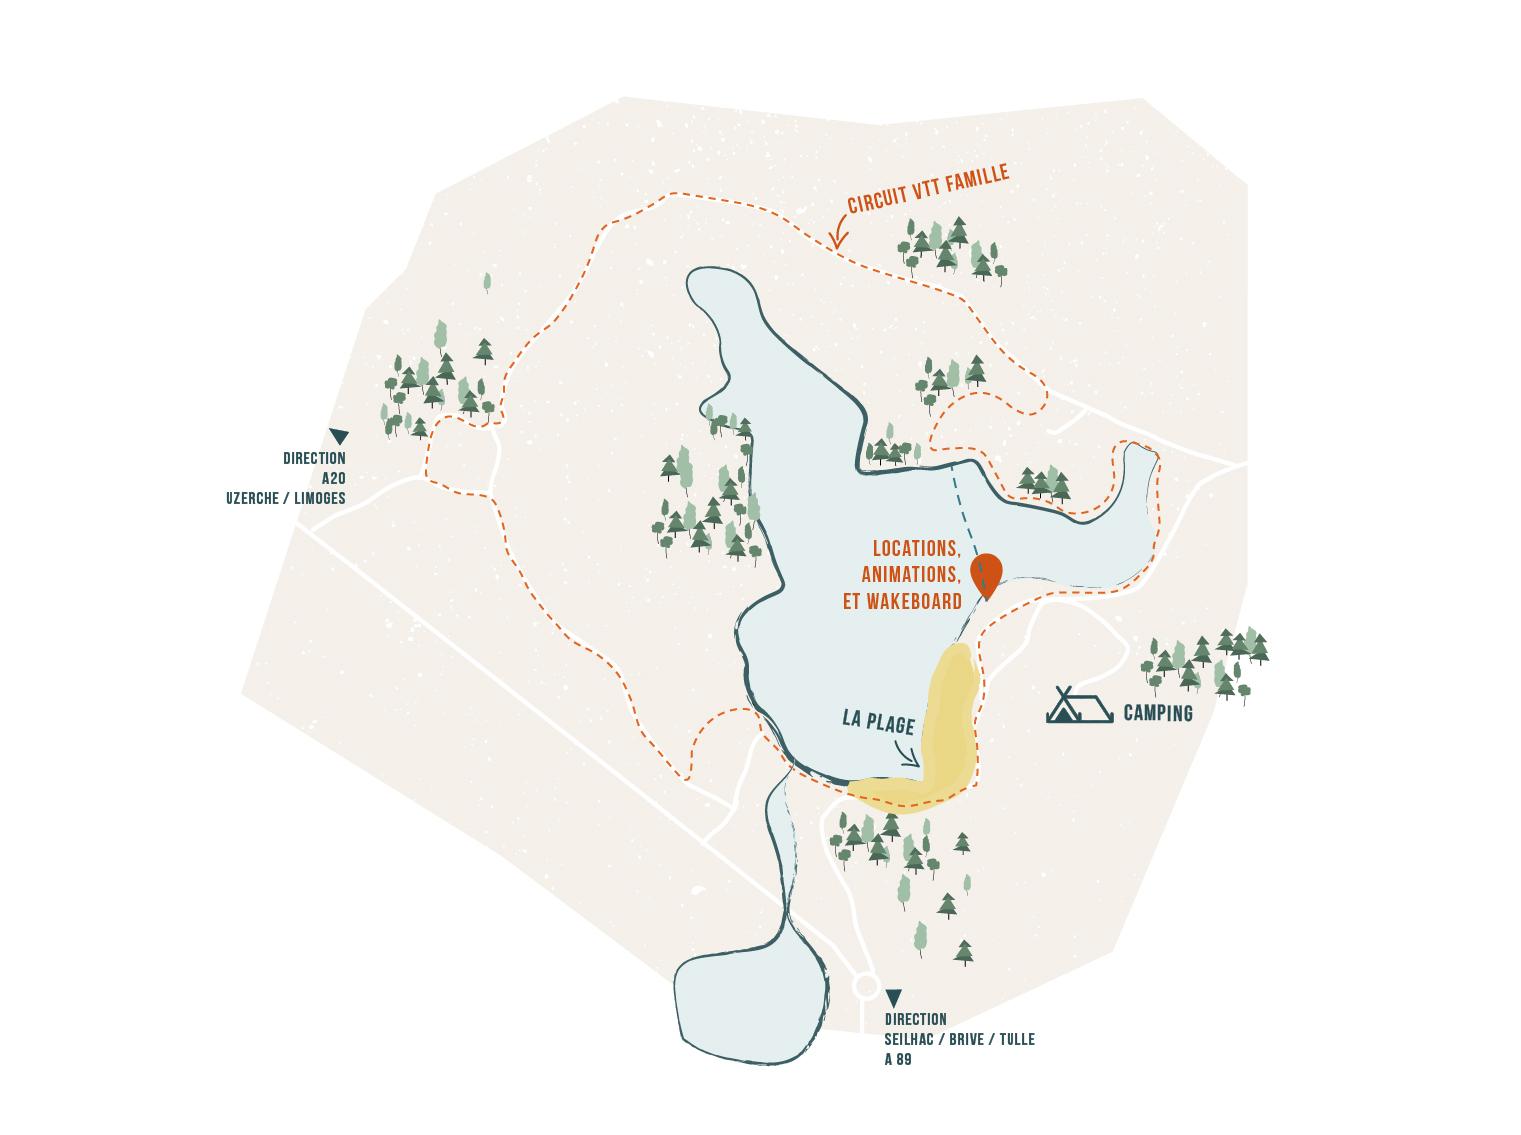 création d'une carte